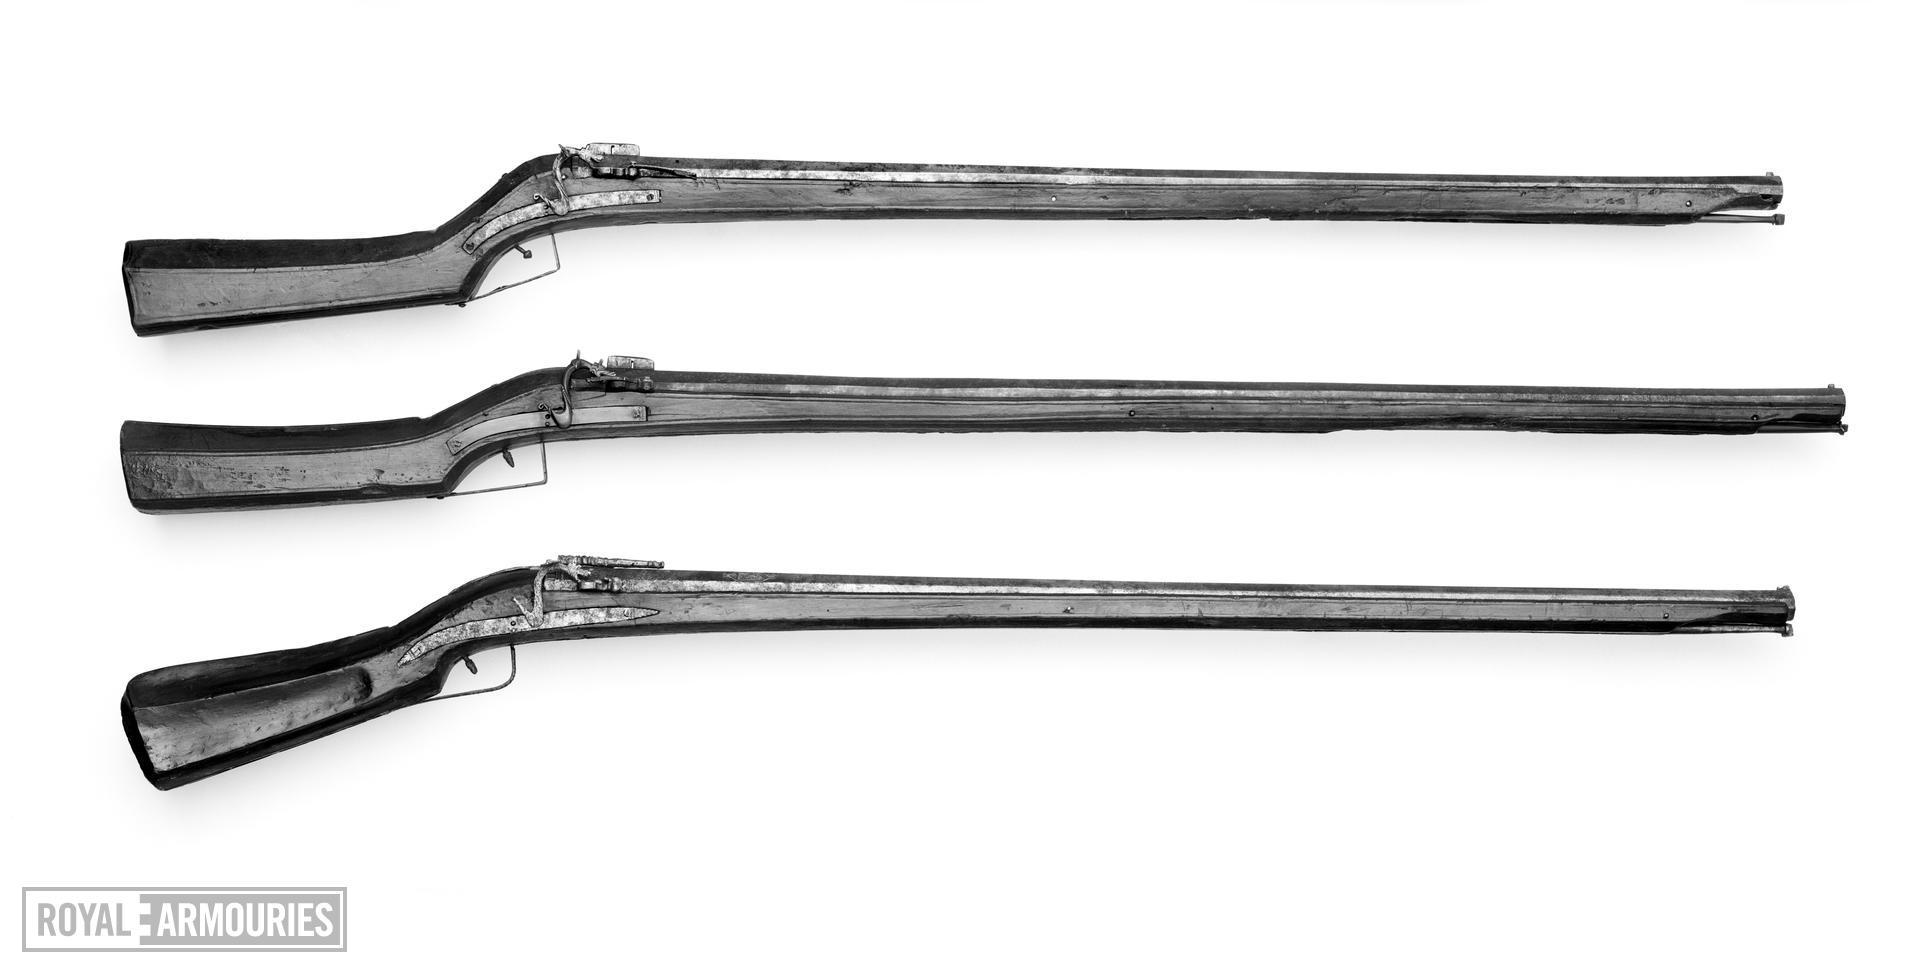 Matchlock muzzle-loading musket From Gardone in Brescia